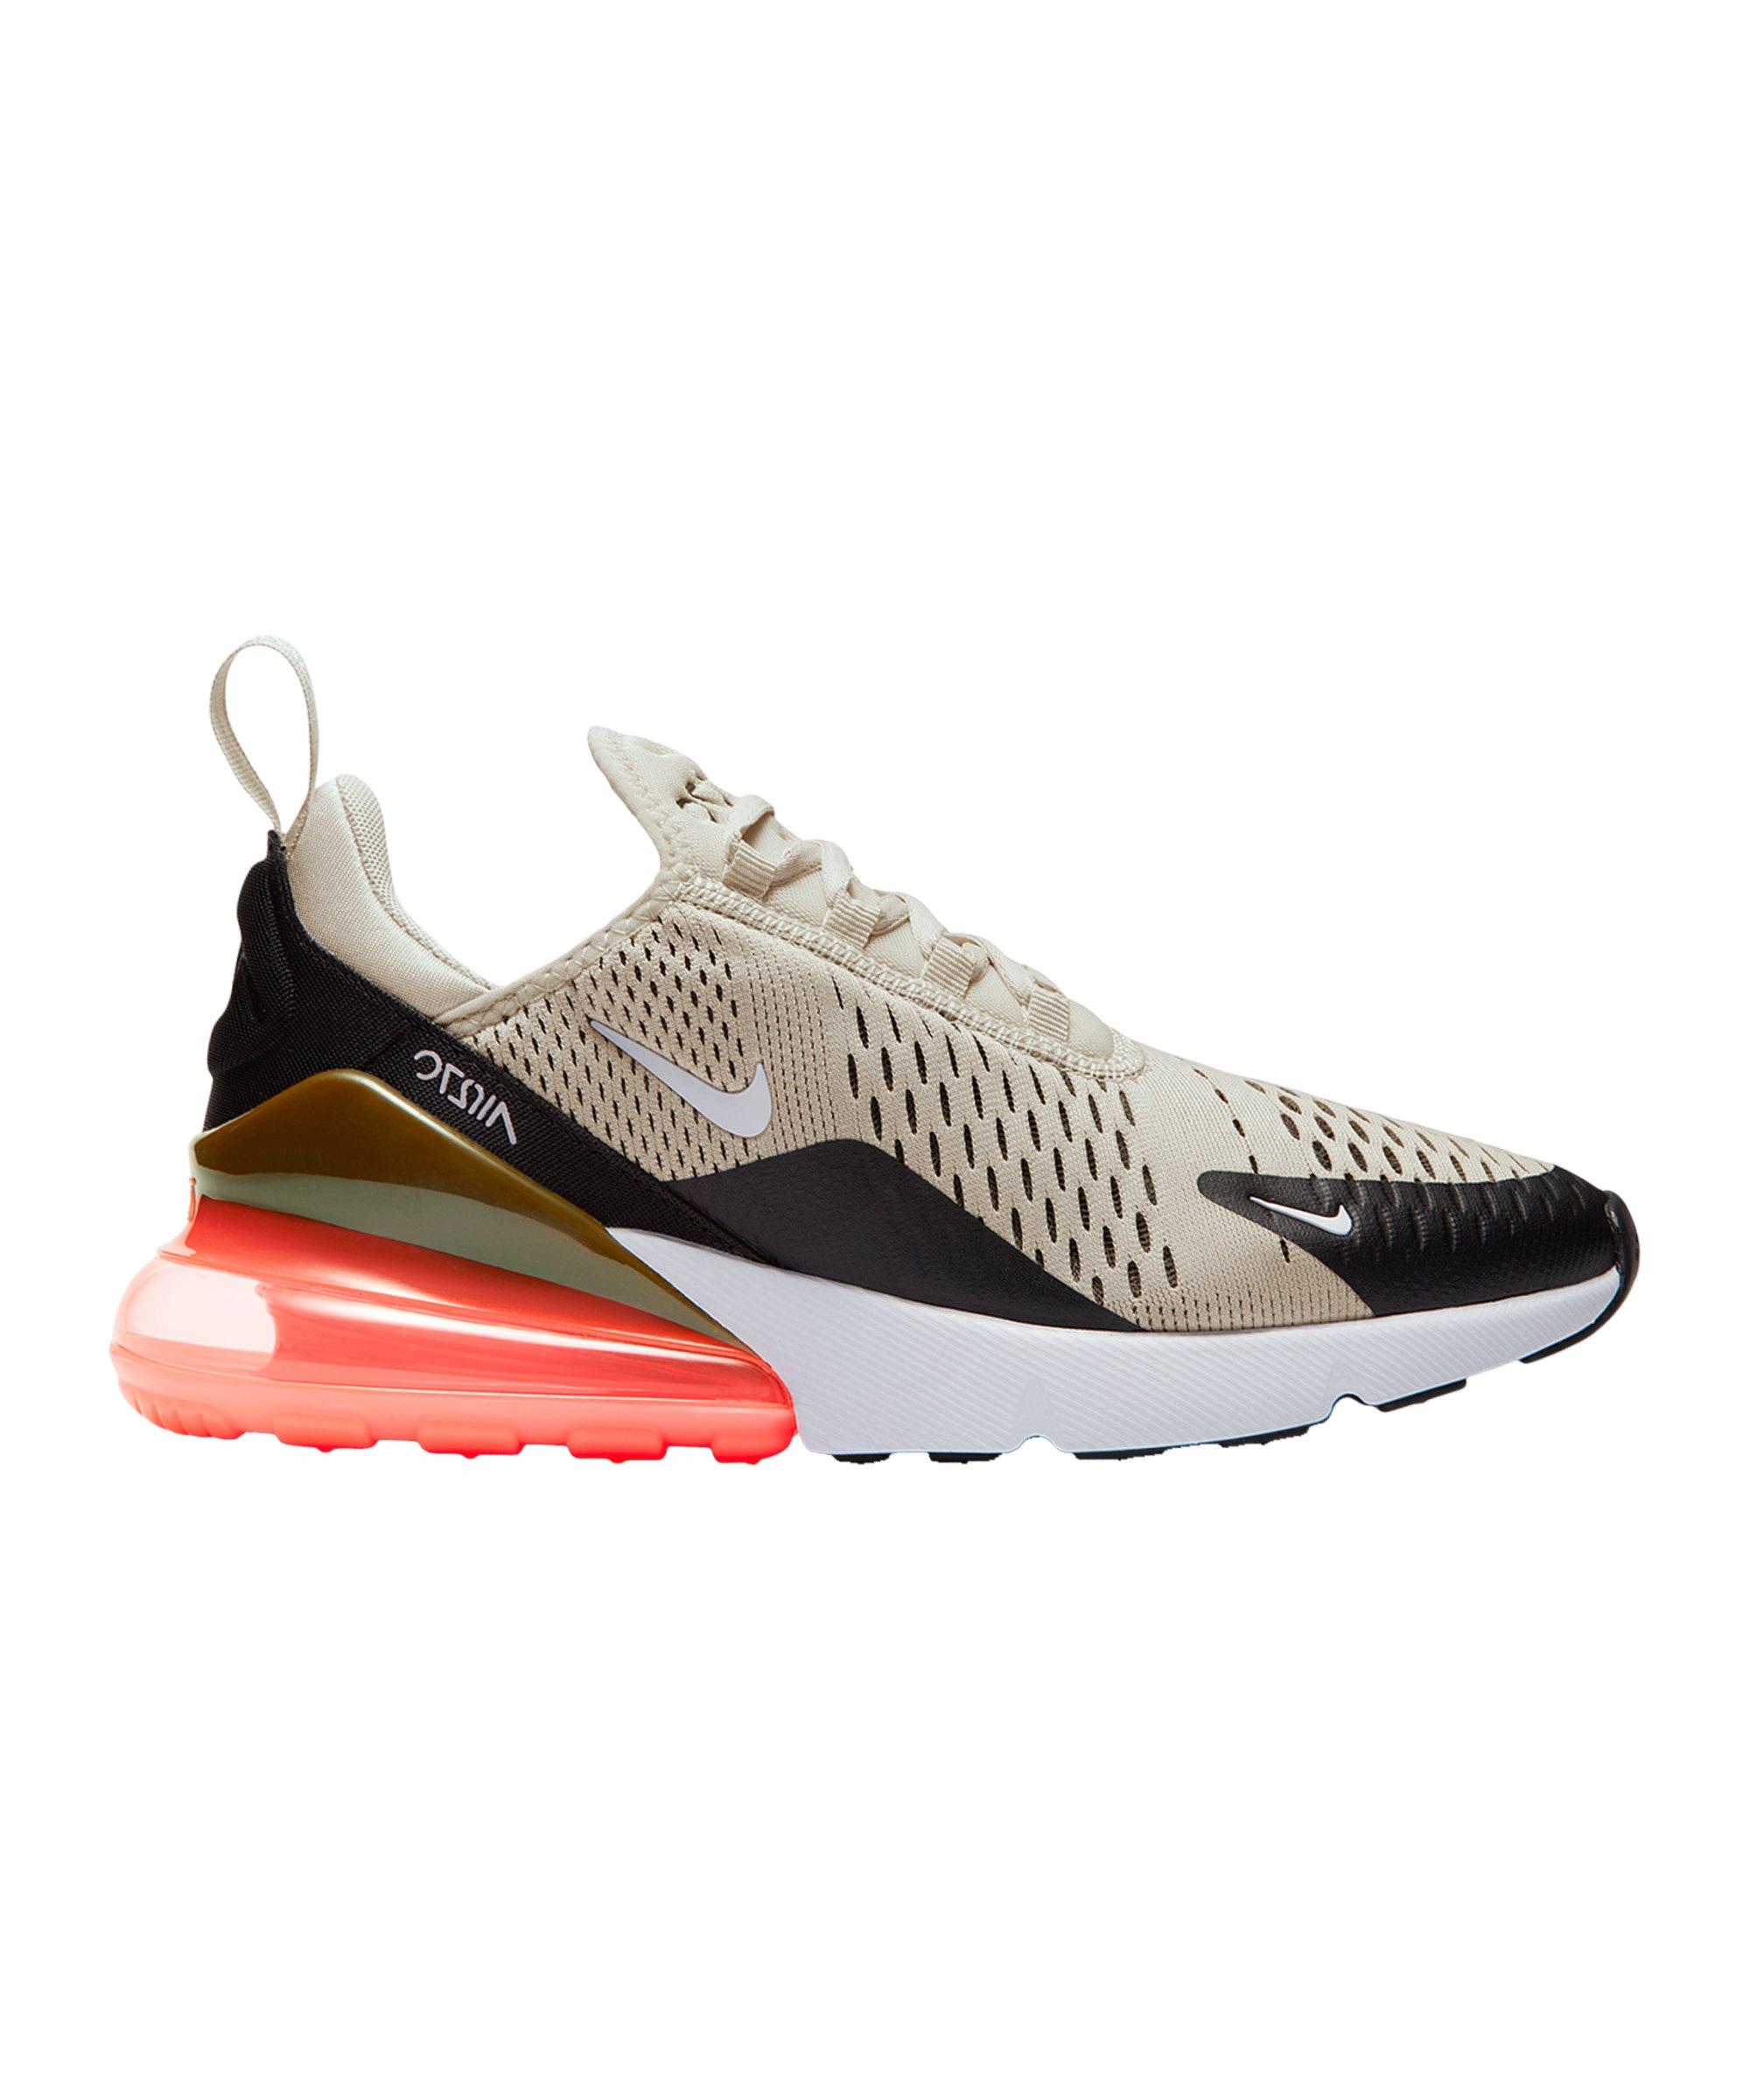 270 Weiss Pink Max Air Nike F014 Sneaker Damen RLj354Aq